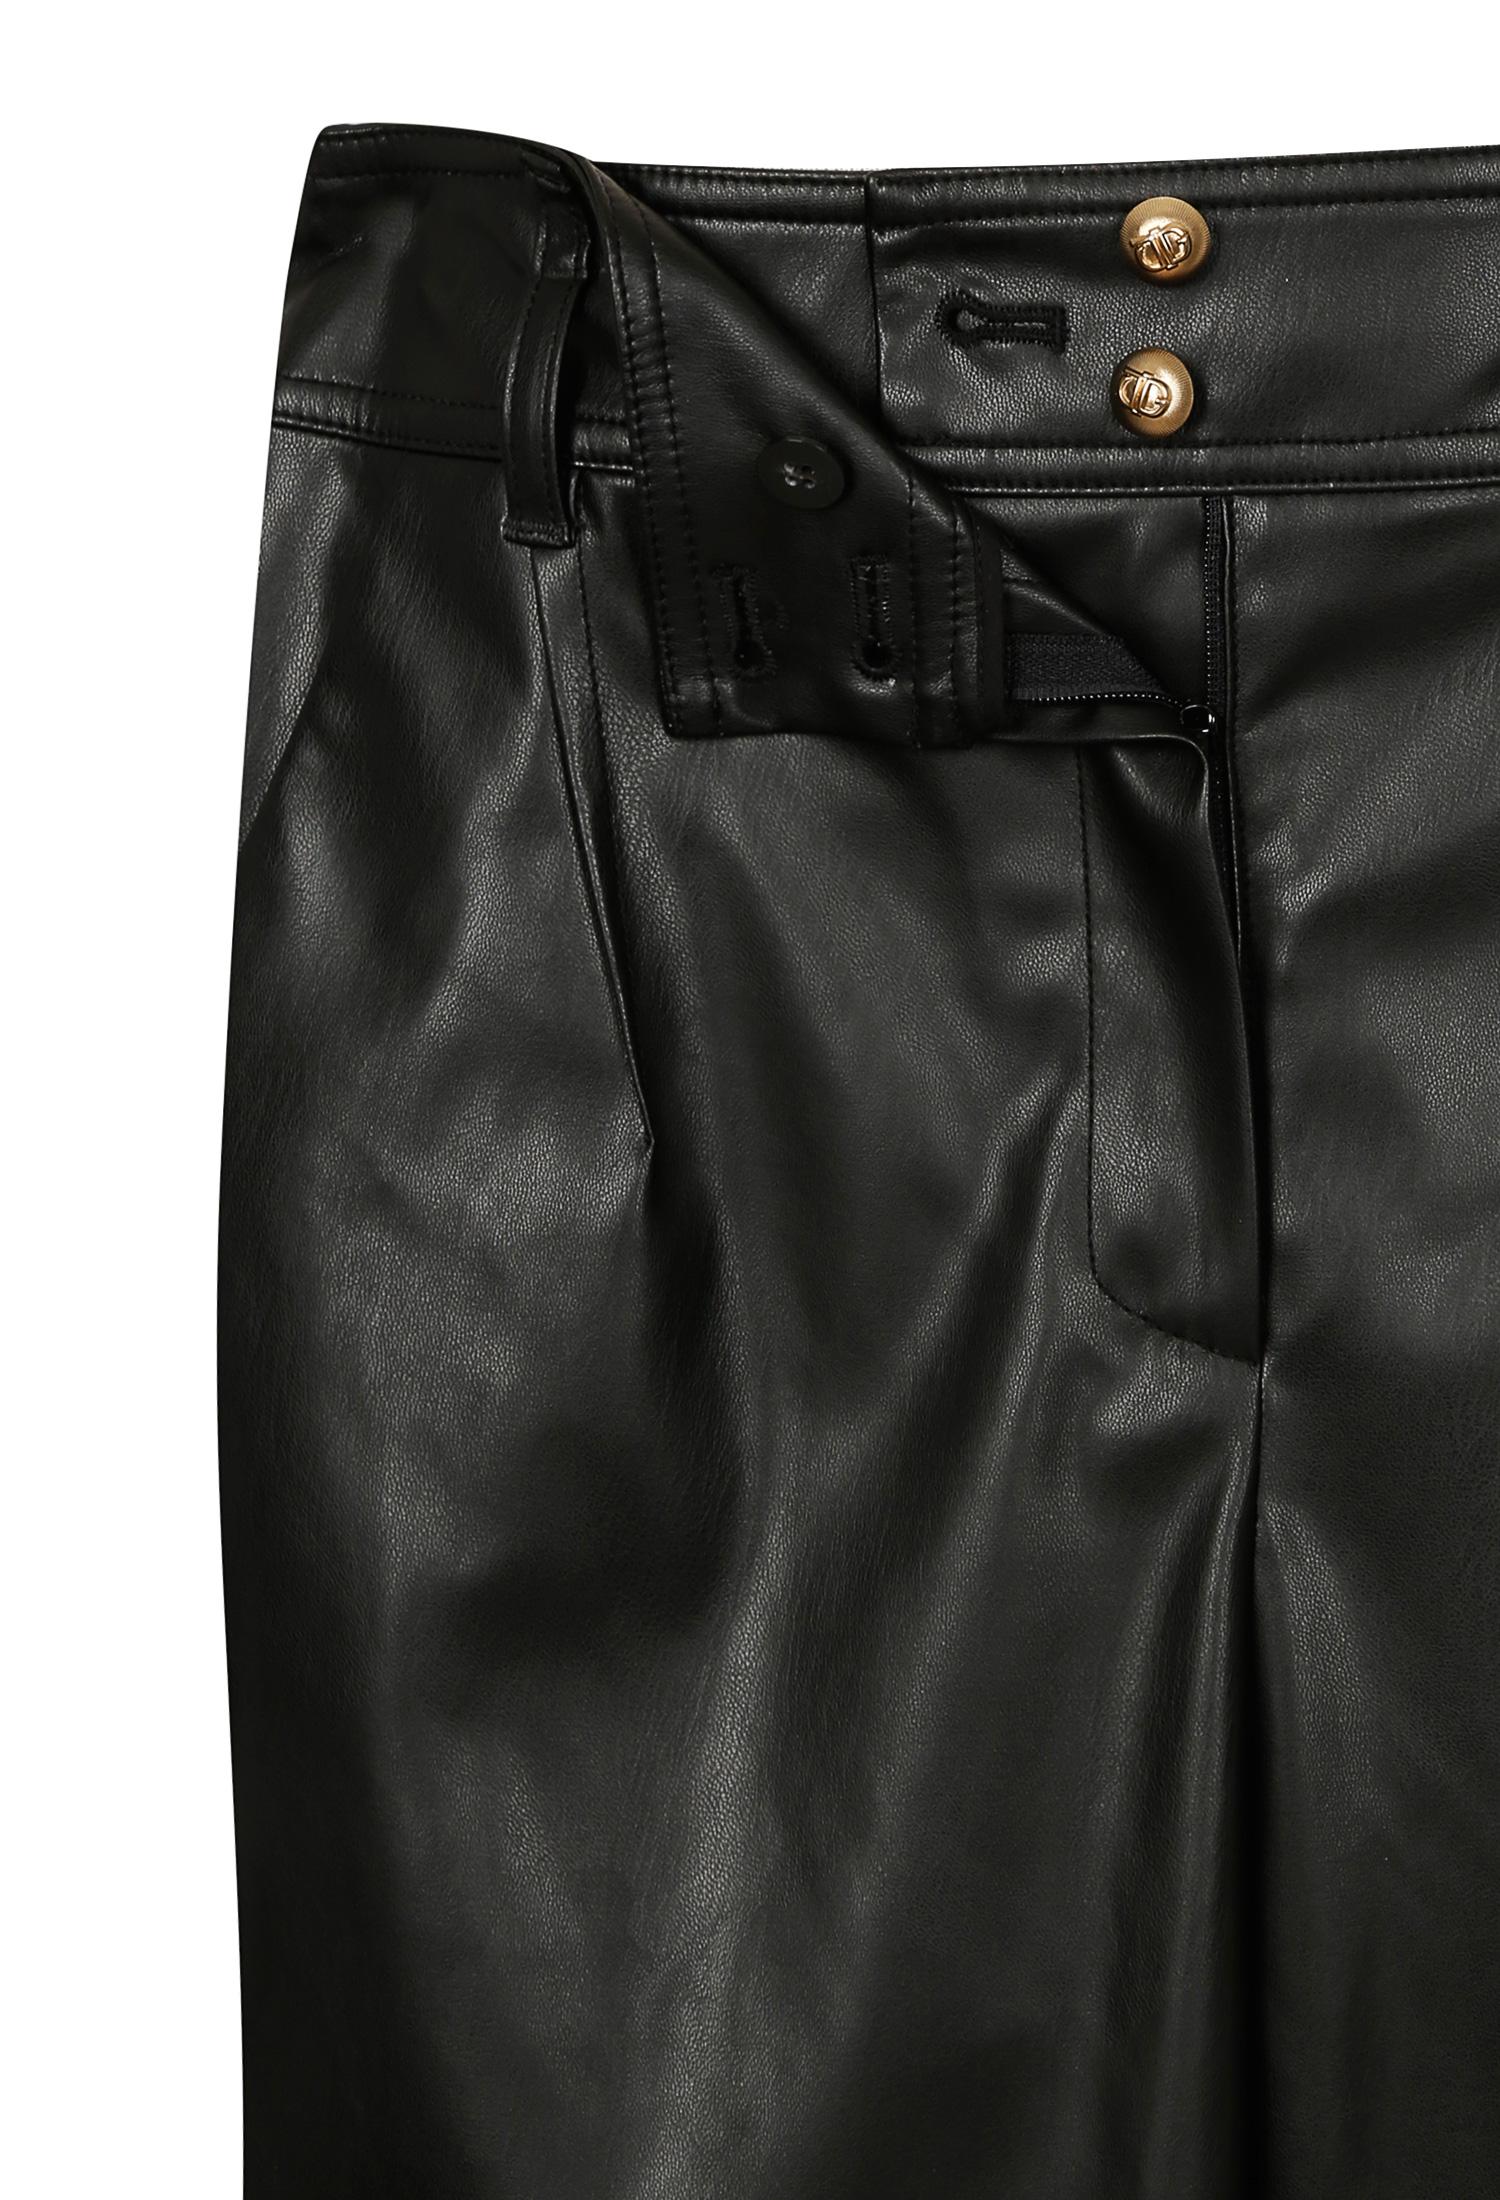 절개 라인 핀턱 레더 팬츠 (BLACK)